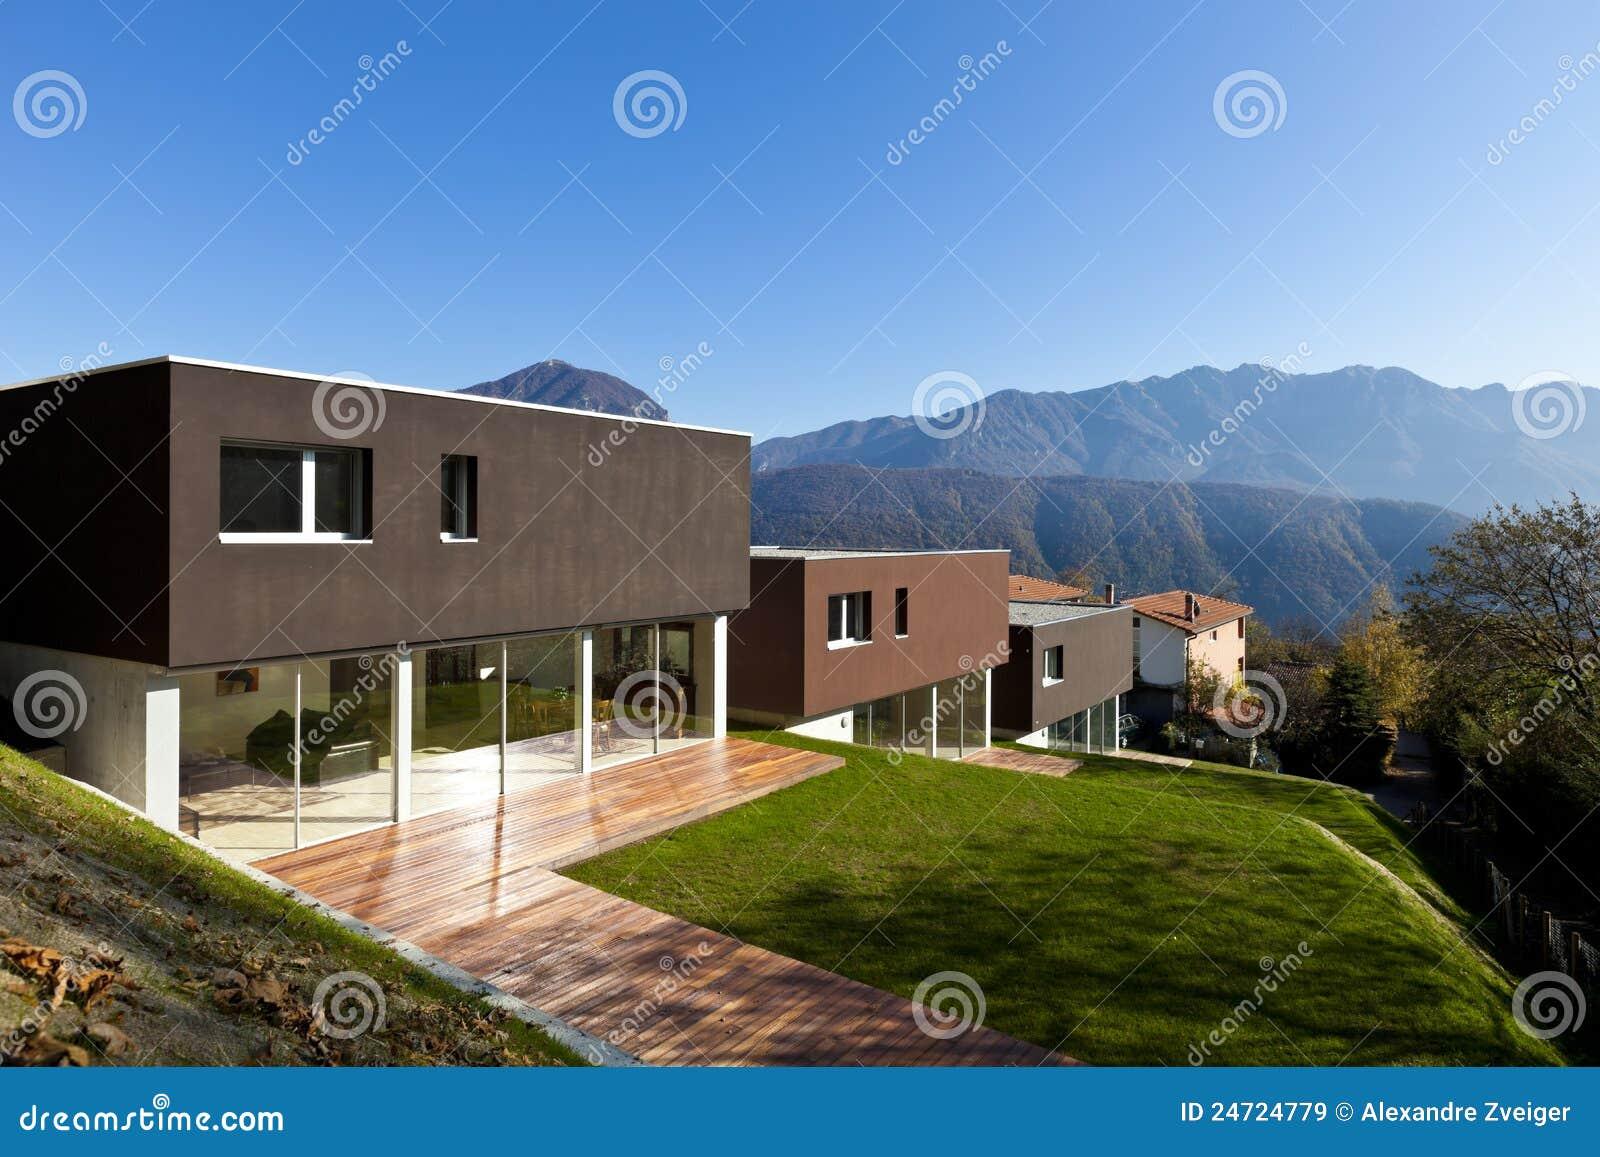 Modernes haus mit garten stockbild bild von bunt wohnung for Modernes haus mit holzfenster